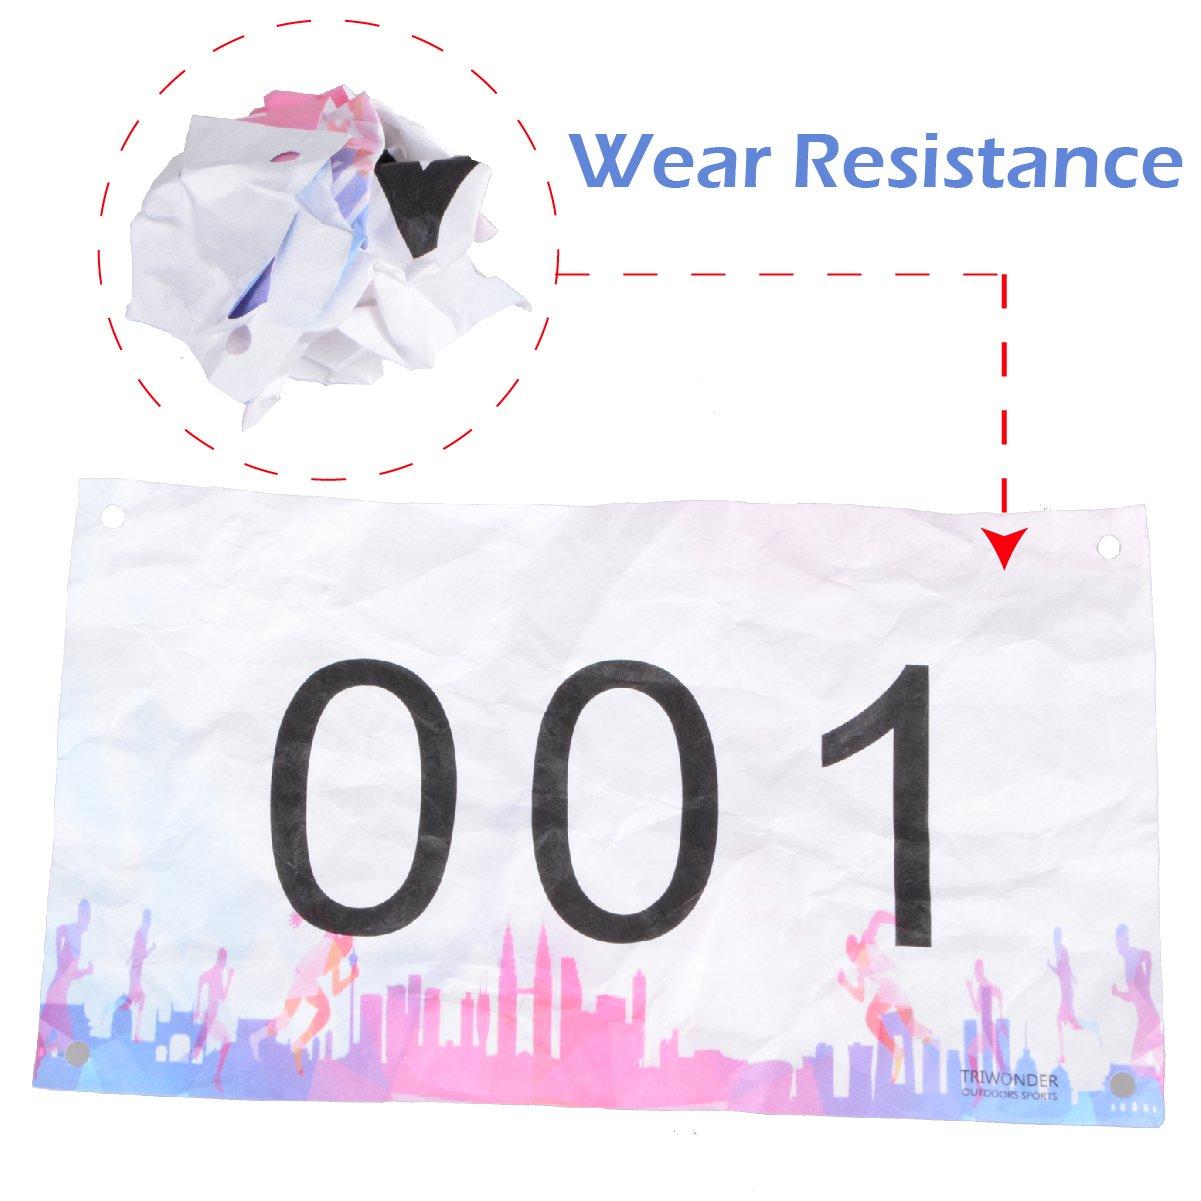 Clinch Star Numeri pettorali Antiurto e Impermeabili con Spille di Sicurezza per la Maratona